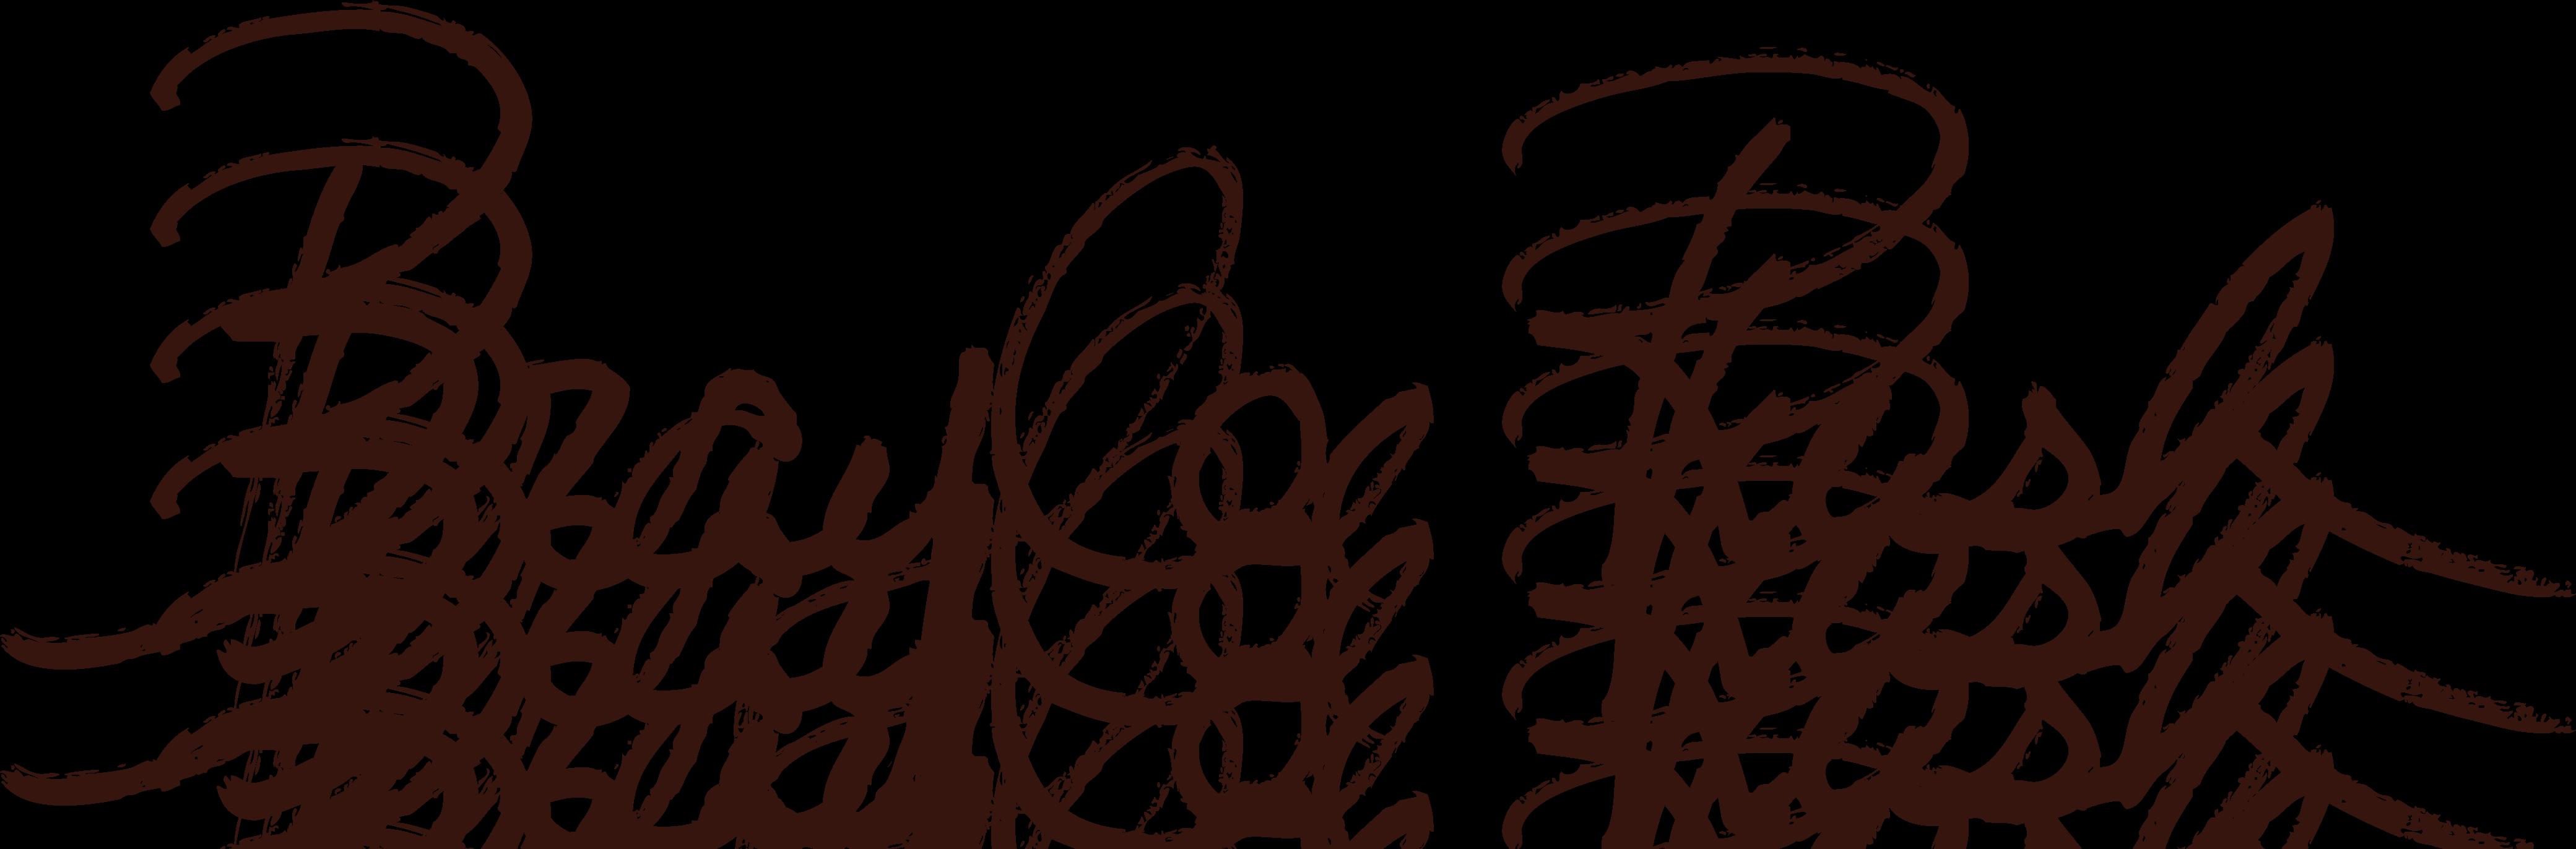 Braylee Rush's Signature